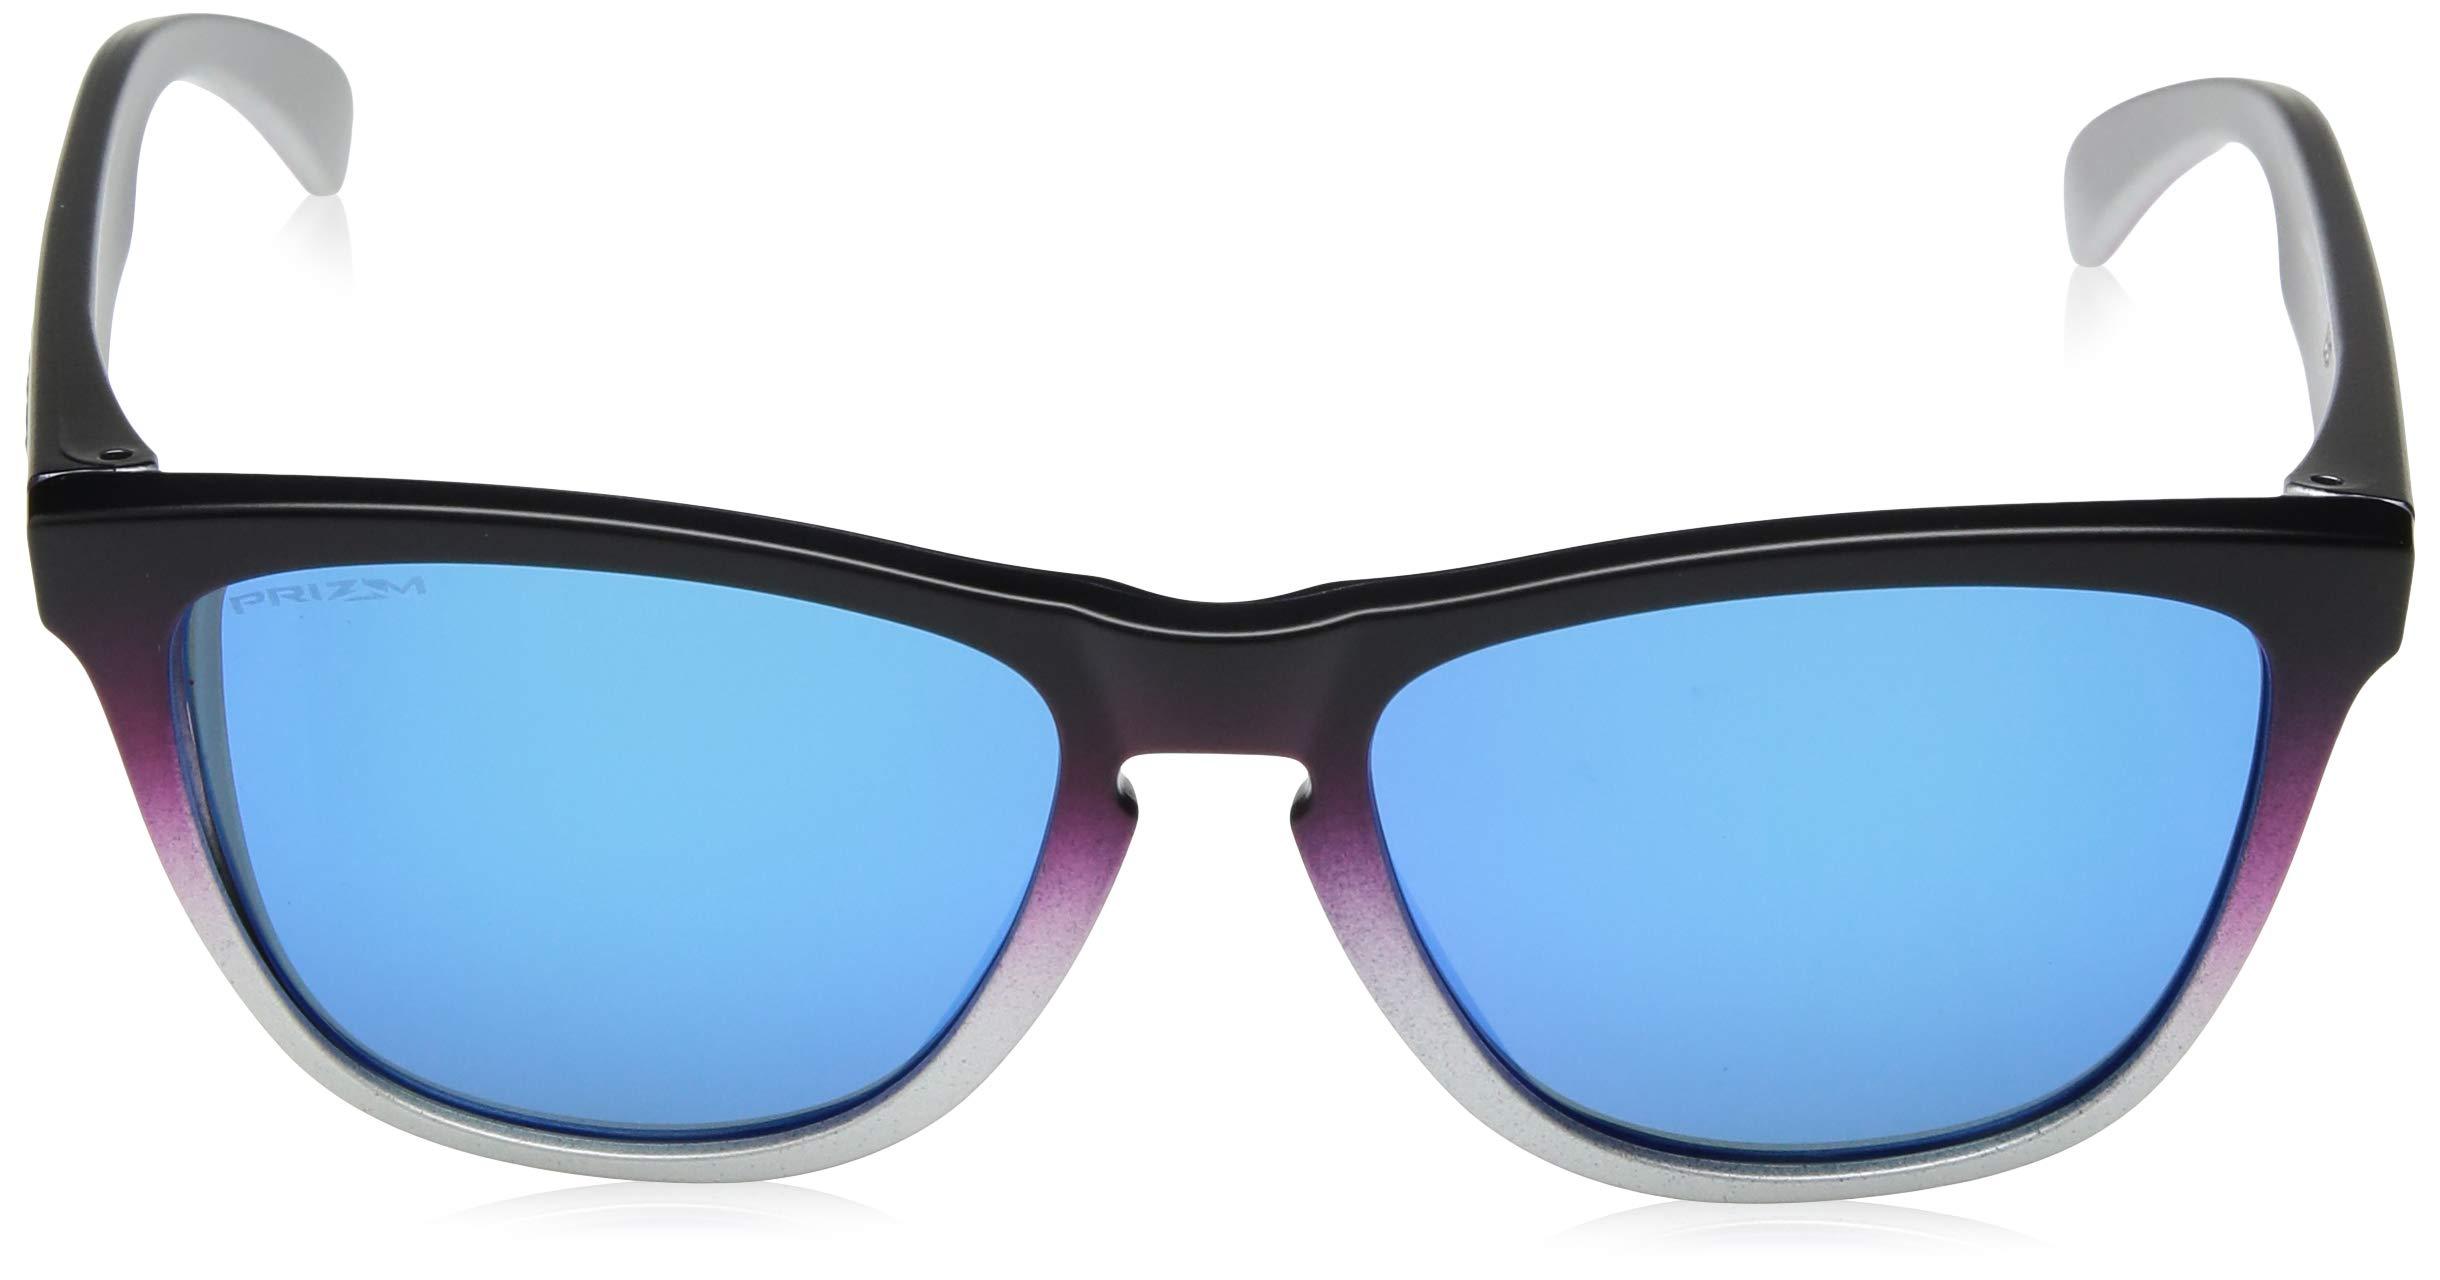 5b7fe295fb Oakley Men s Frogskins 009013 Wayfarer Sunglasses